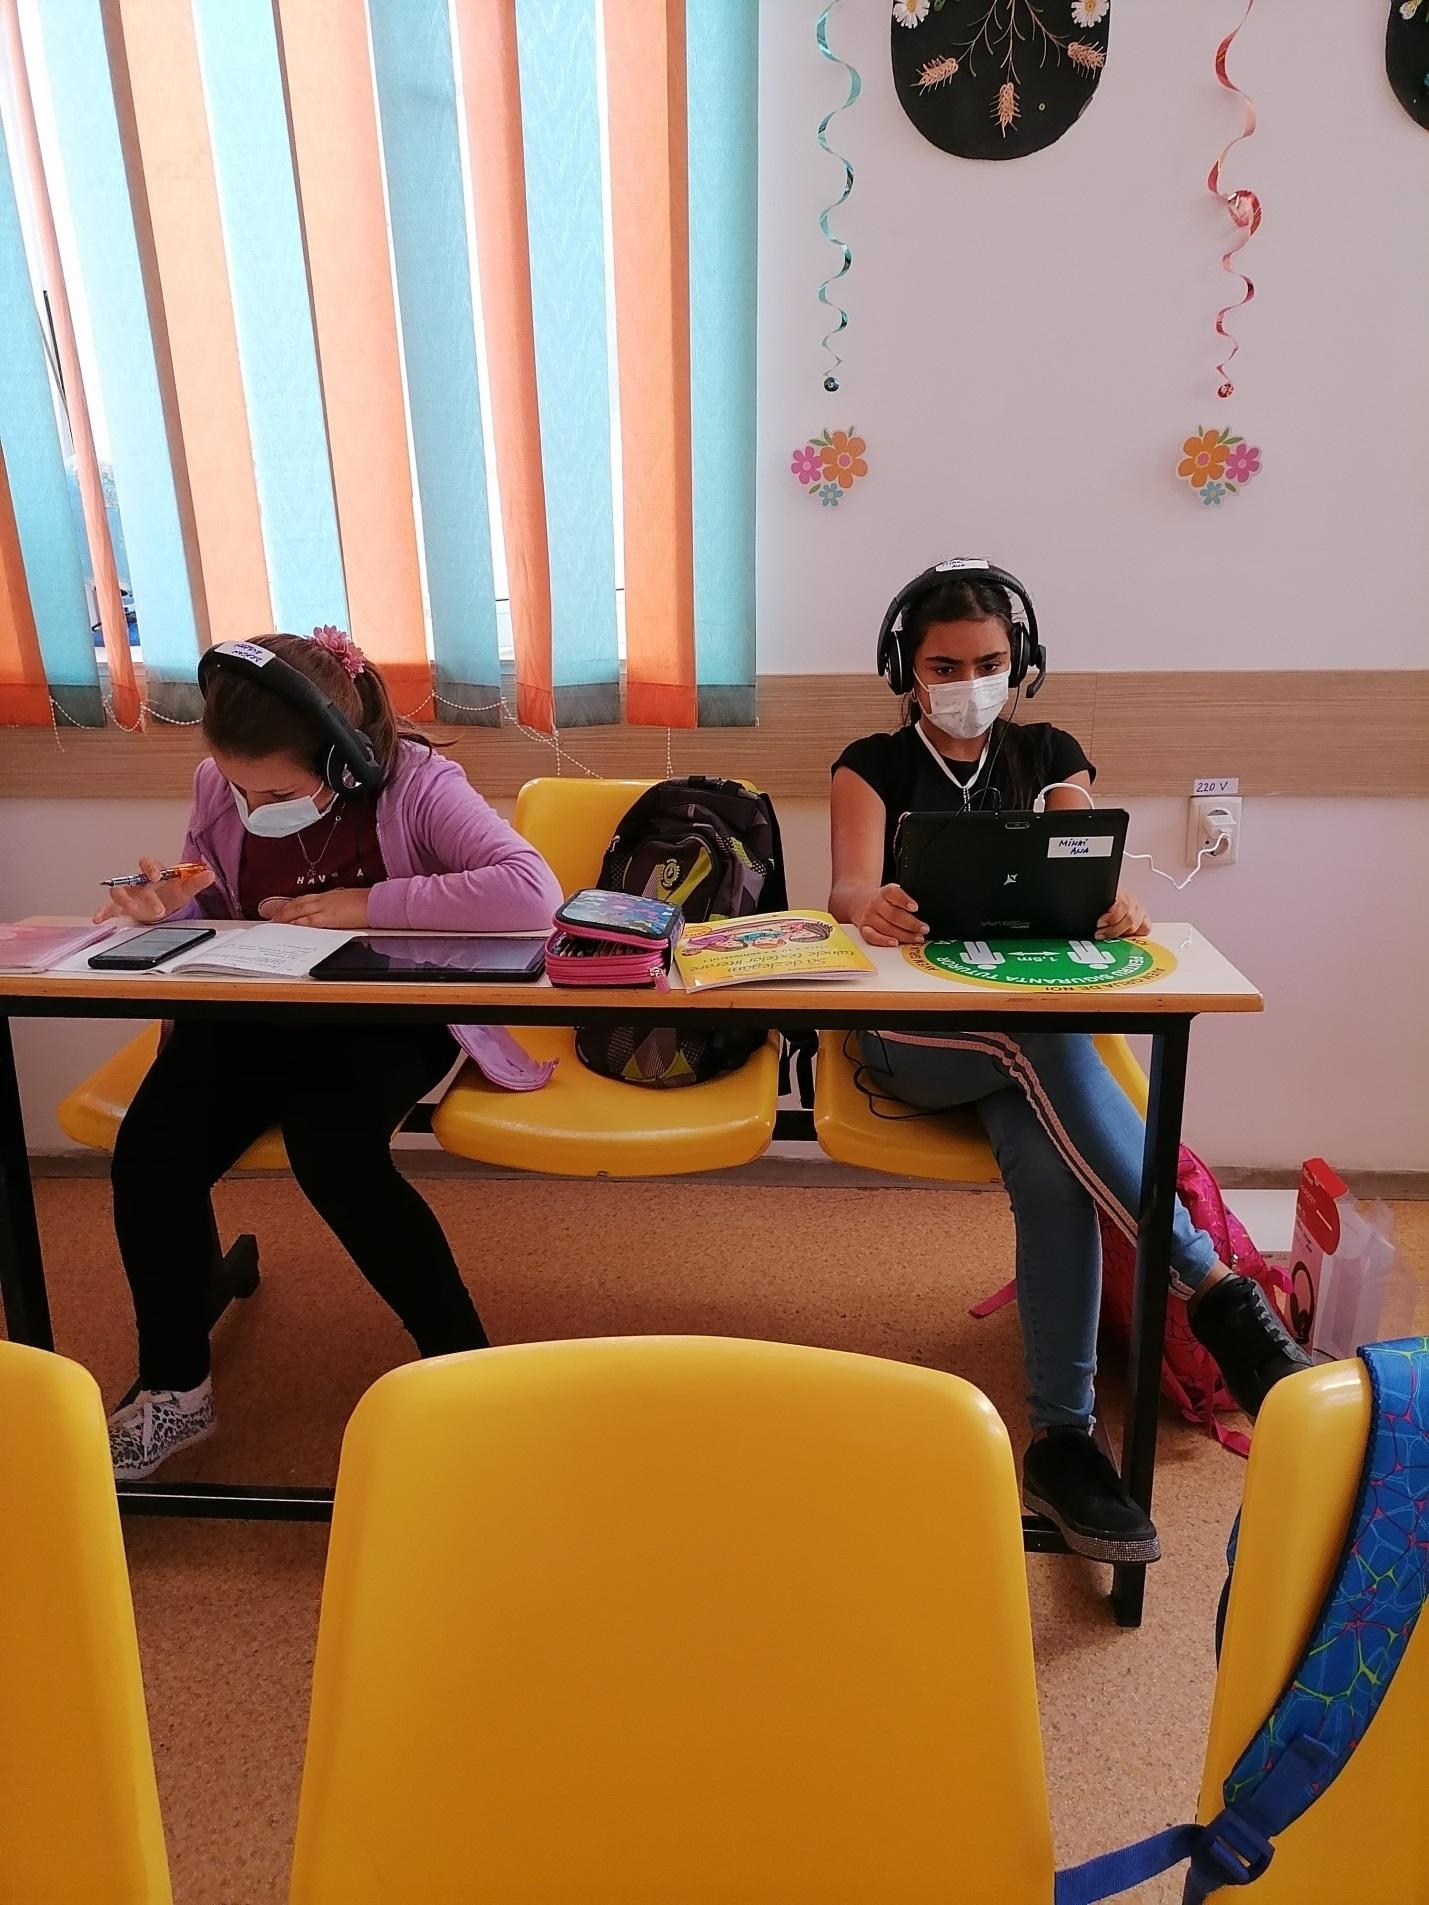 Sprijin educațional formal și nonformal pentru copiii aflați în dificultate/condiții vulnerabile